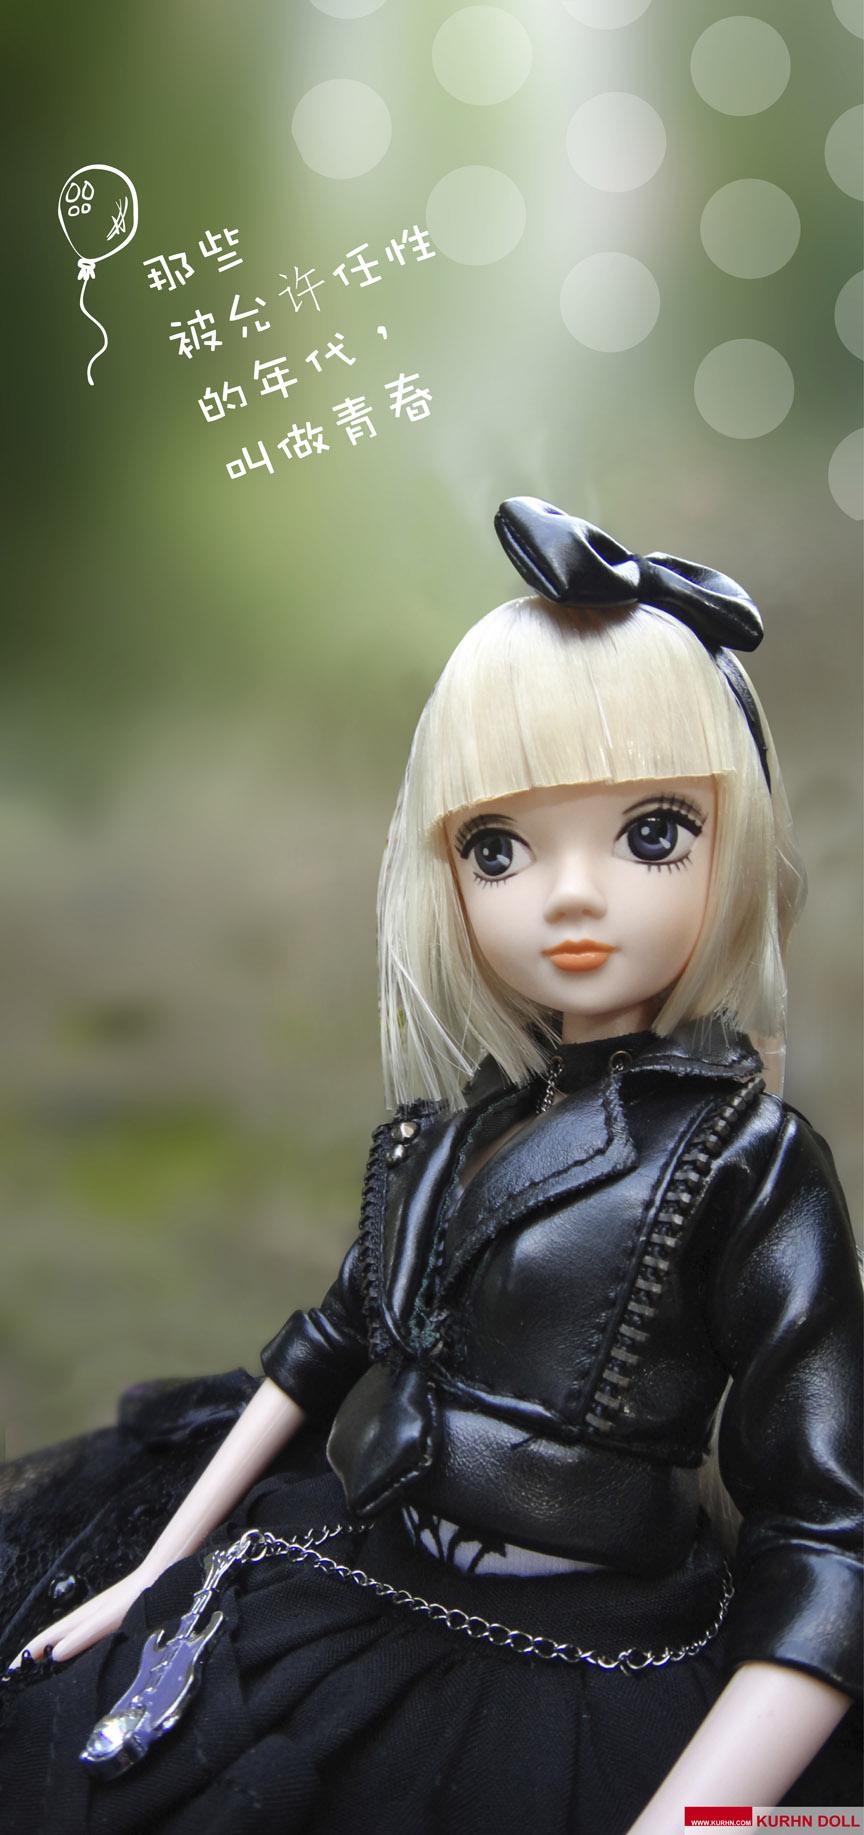 可儿娃娃全套图片_可儿娃娃|人像|摄影|kurhn - 原创设计作品 - 站酷 (ZCOOL)